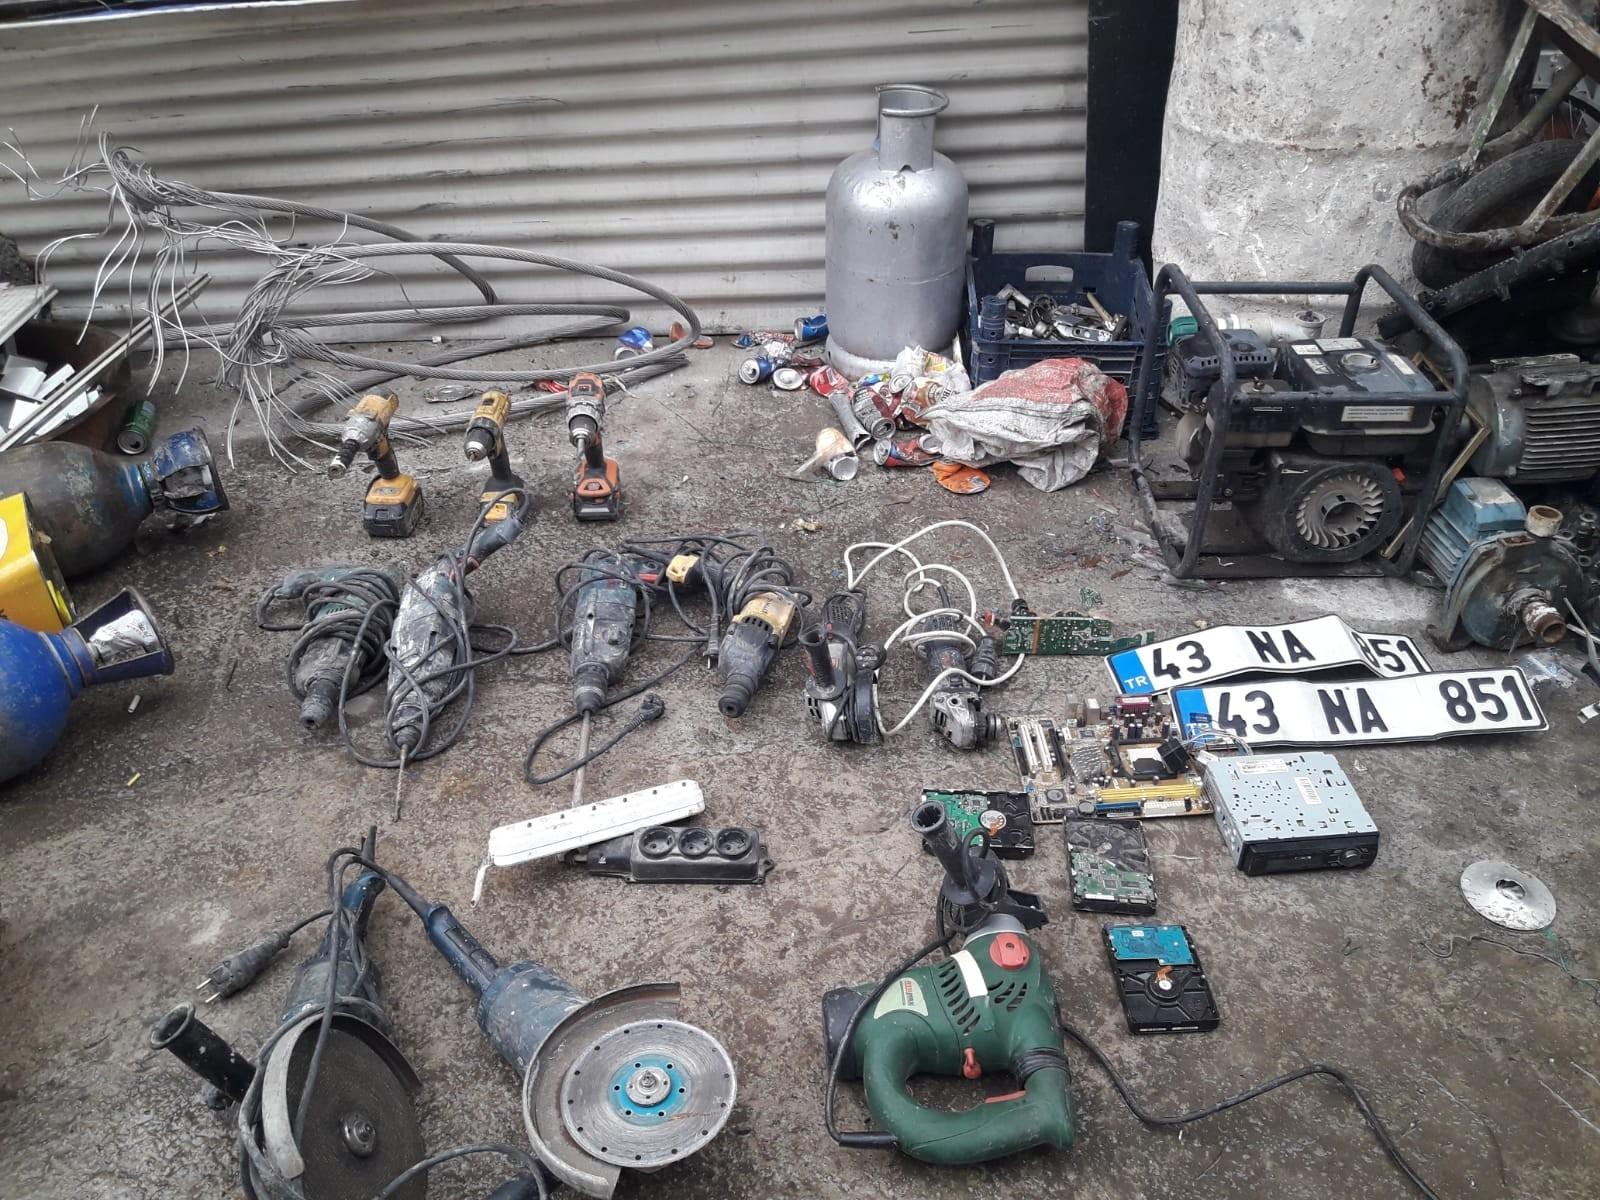 Kütahya'da hırsızlık olayına karışan 3 zanlı tutuklandı